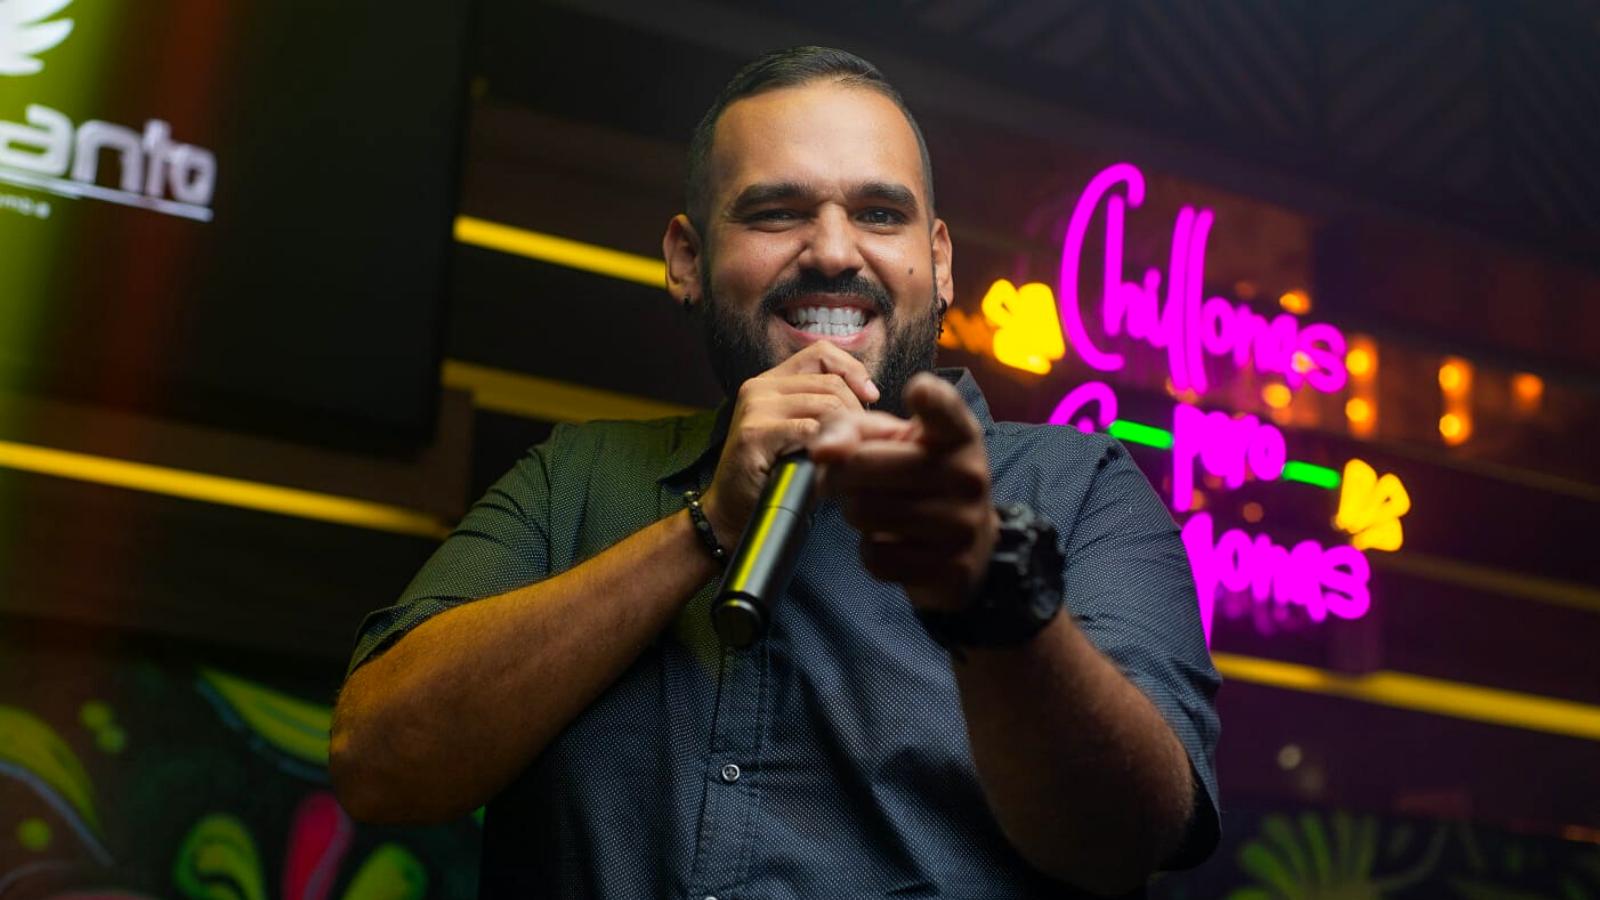 El venezolano que cantaba en buses y ahora es la promesa de la salsa en Colombia